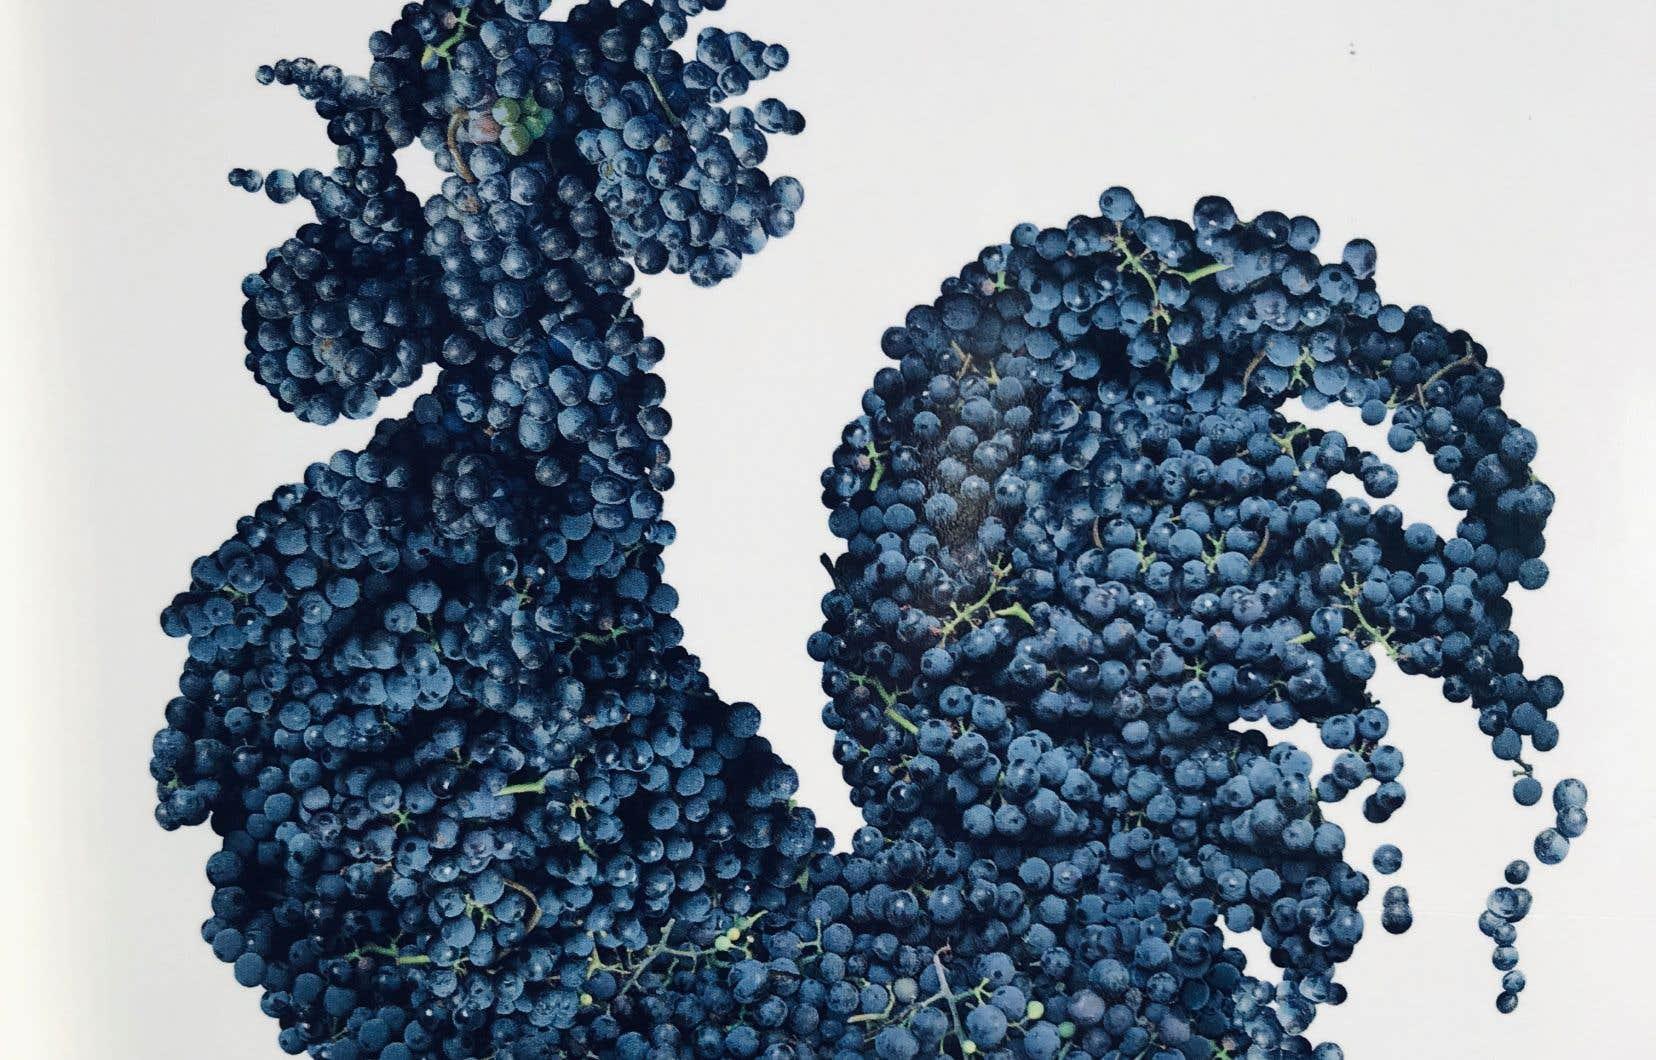 Le célèbre coq noir du Chianti Classico est aussi délicieux en coq au vin. À base de sangiovese, tout naturellement!